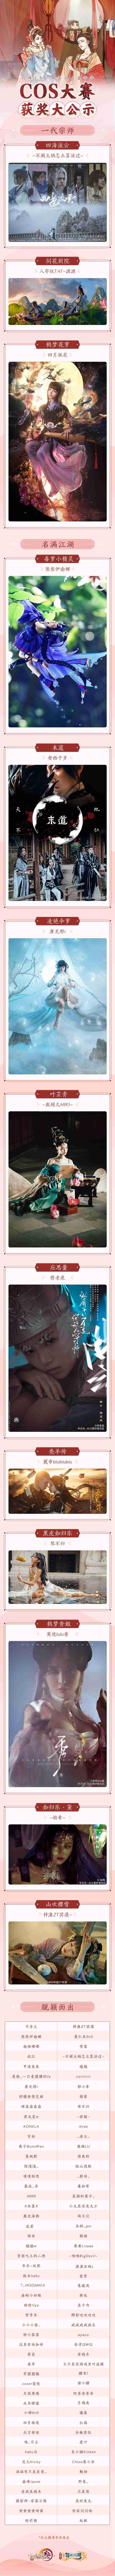 风月共鉴江湖情 《剑网3》十一周年同人嘉年华获奖名单公布